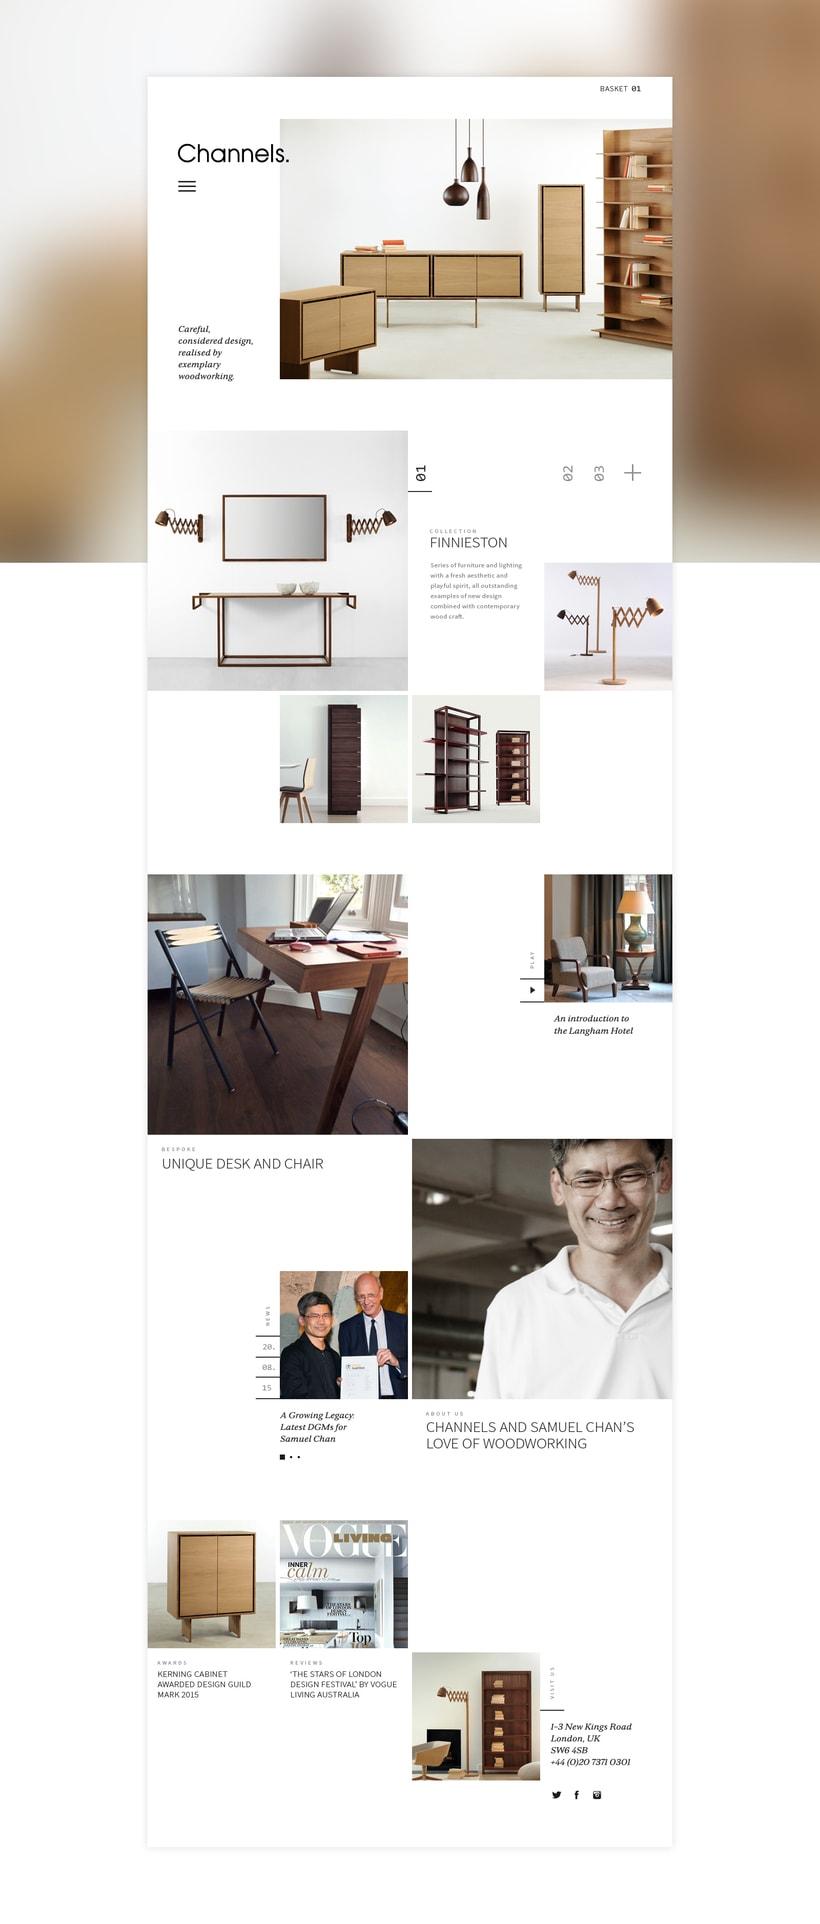 Channels Furniture design 0